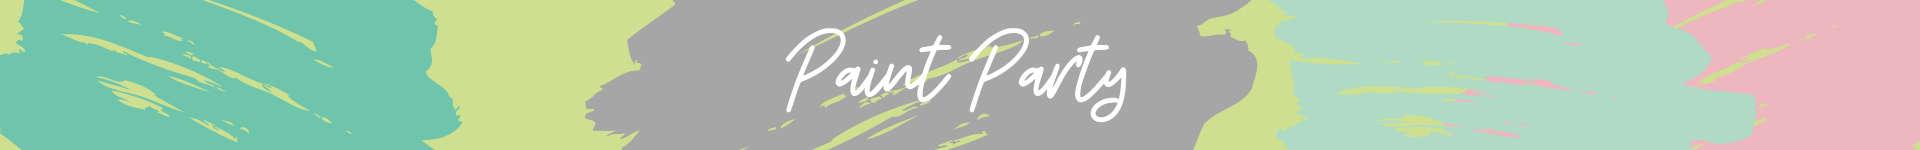 Paint Party at Créatif Pleasanton California